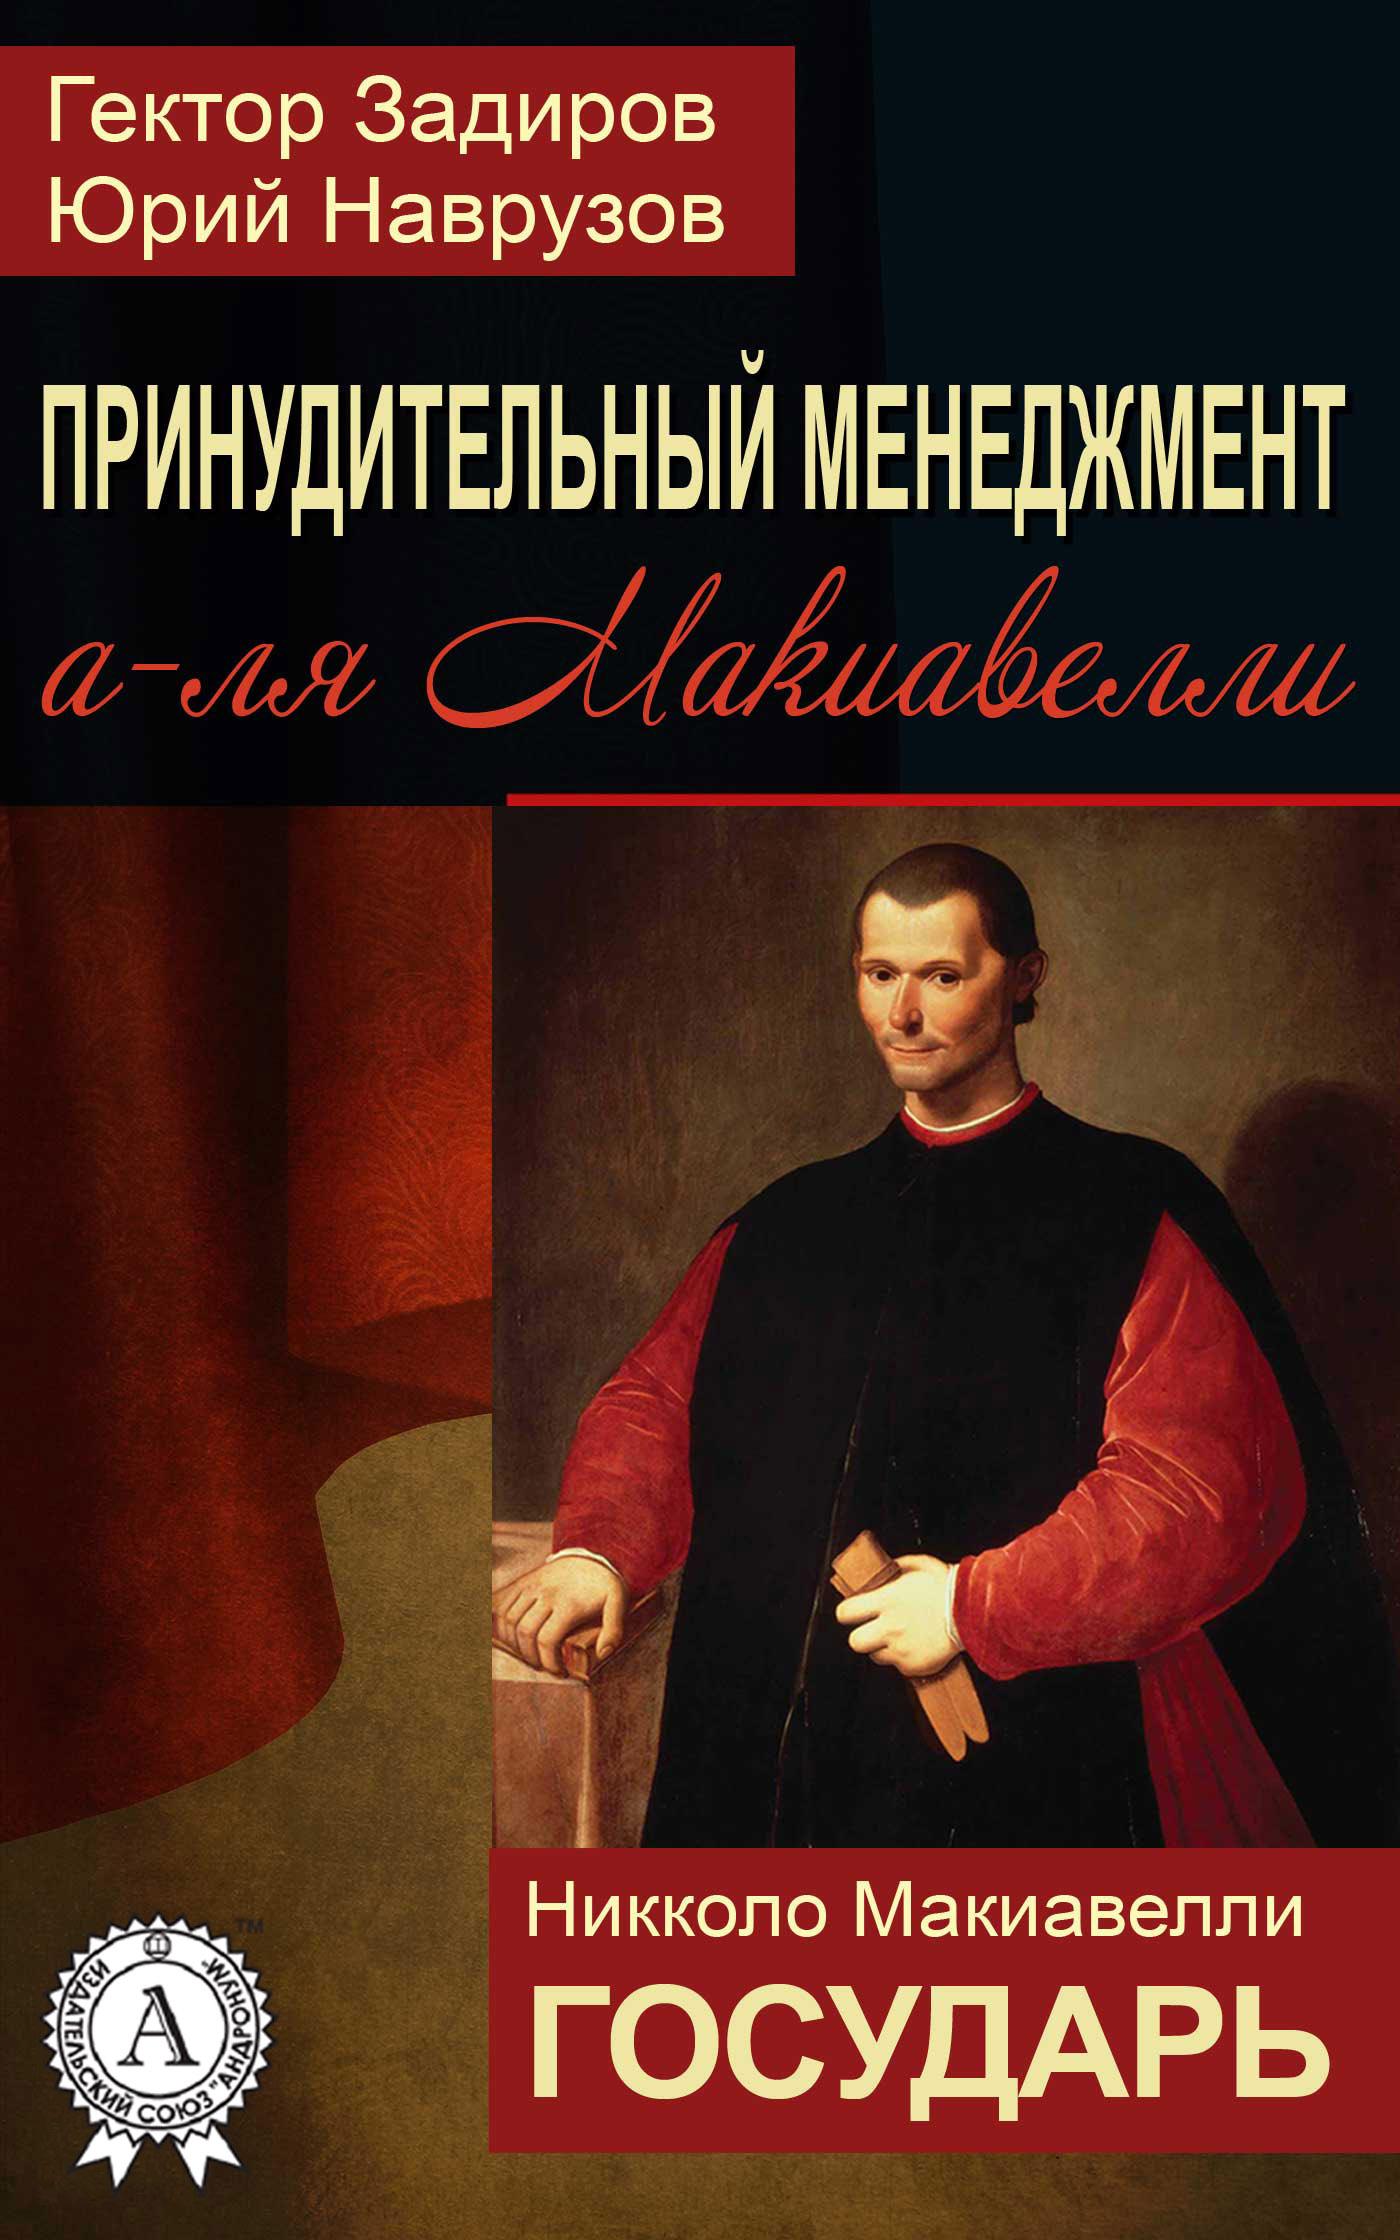 Принудительный менеджмент а-ля Макиавелли. Государь (сборник)